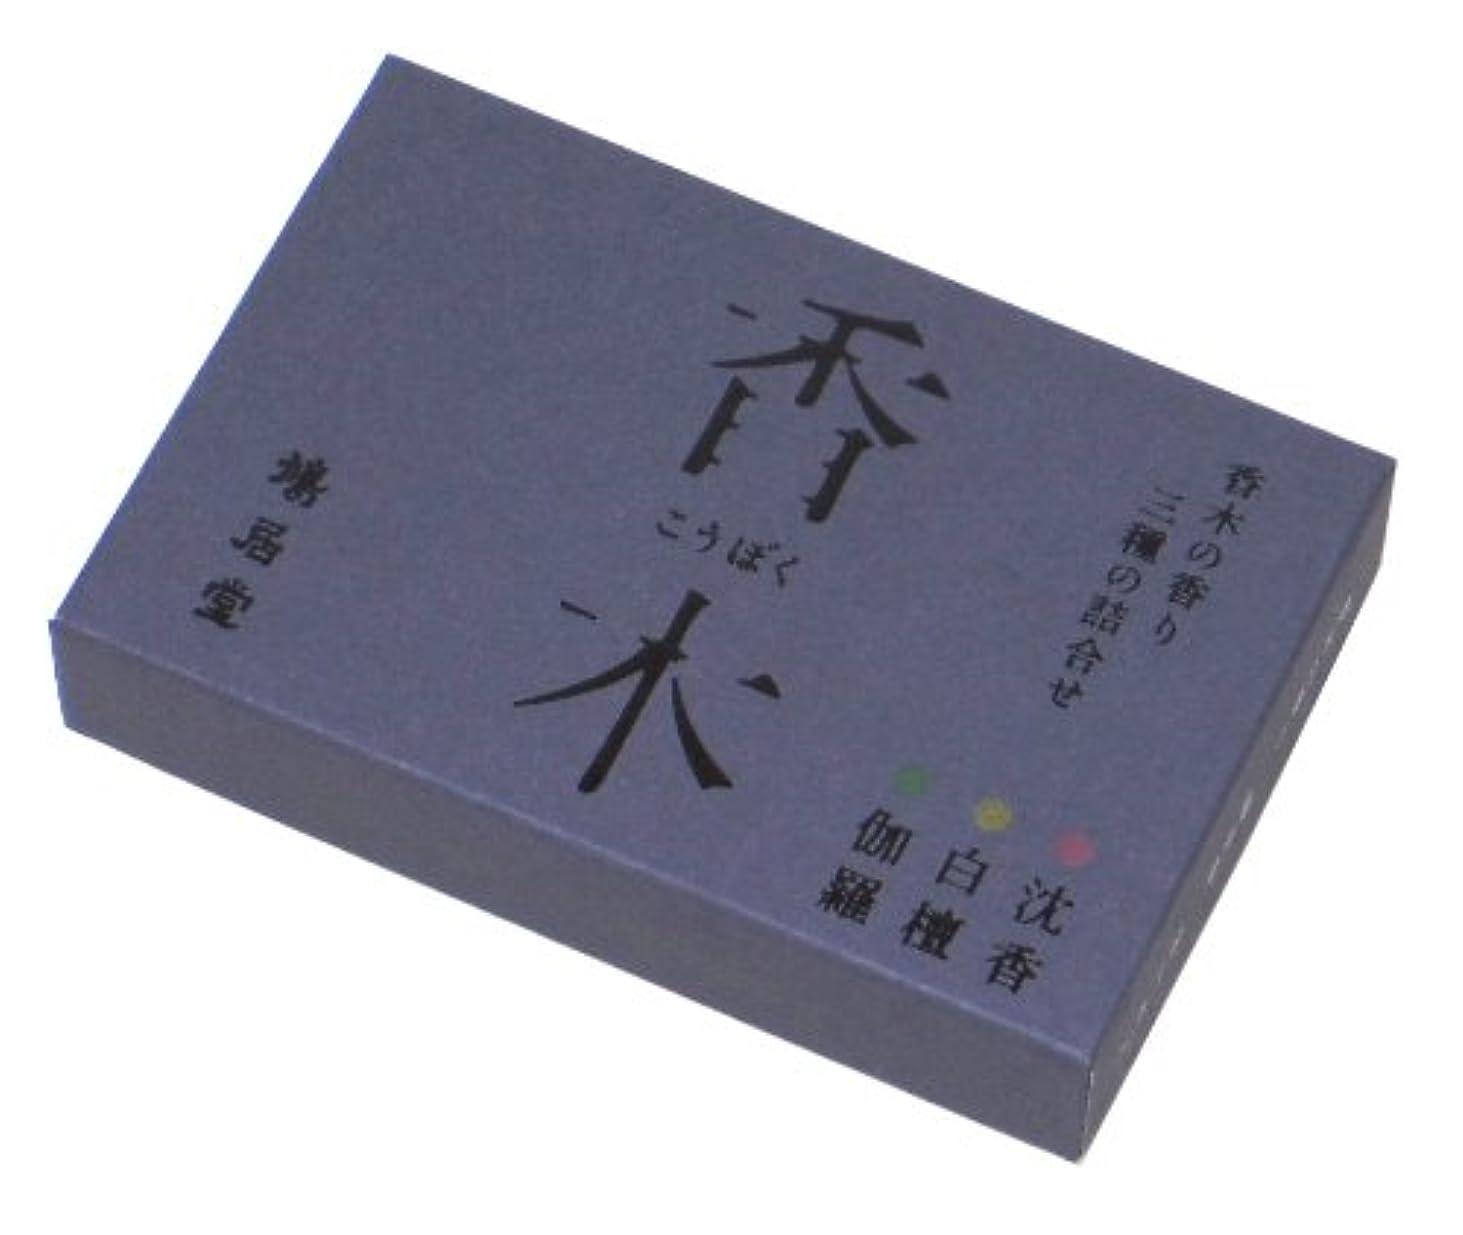 トレーダー物理可動式鳩居堂のお香 香木の香り3種セット 3種類各10本入 6cm 香立入